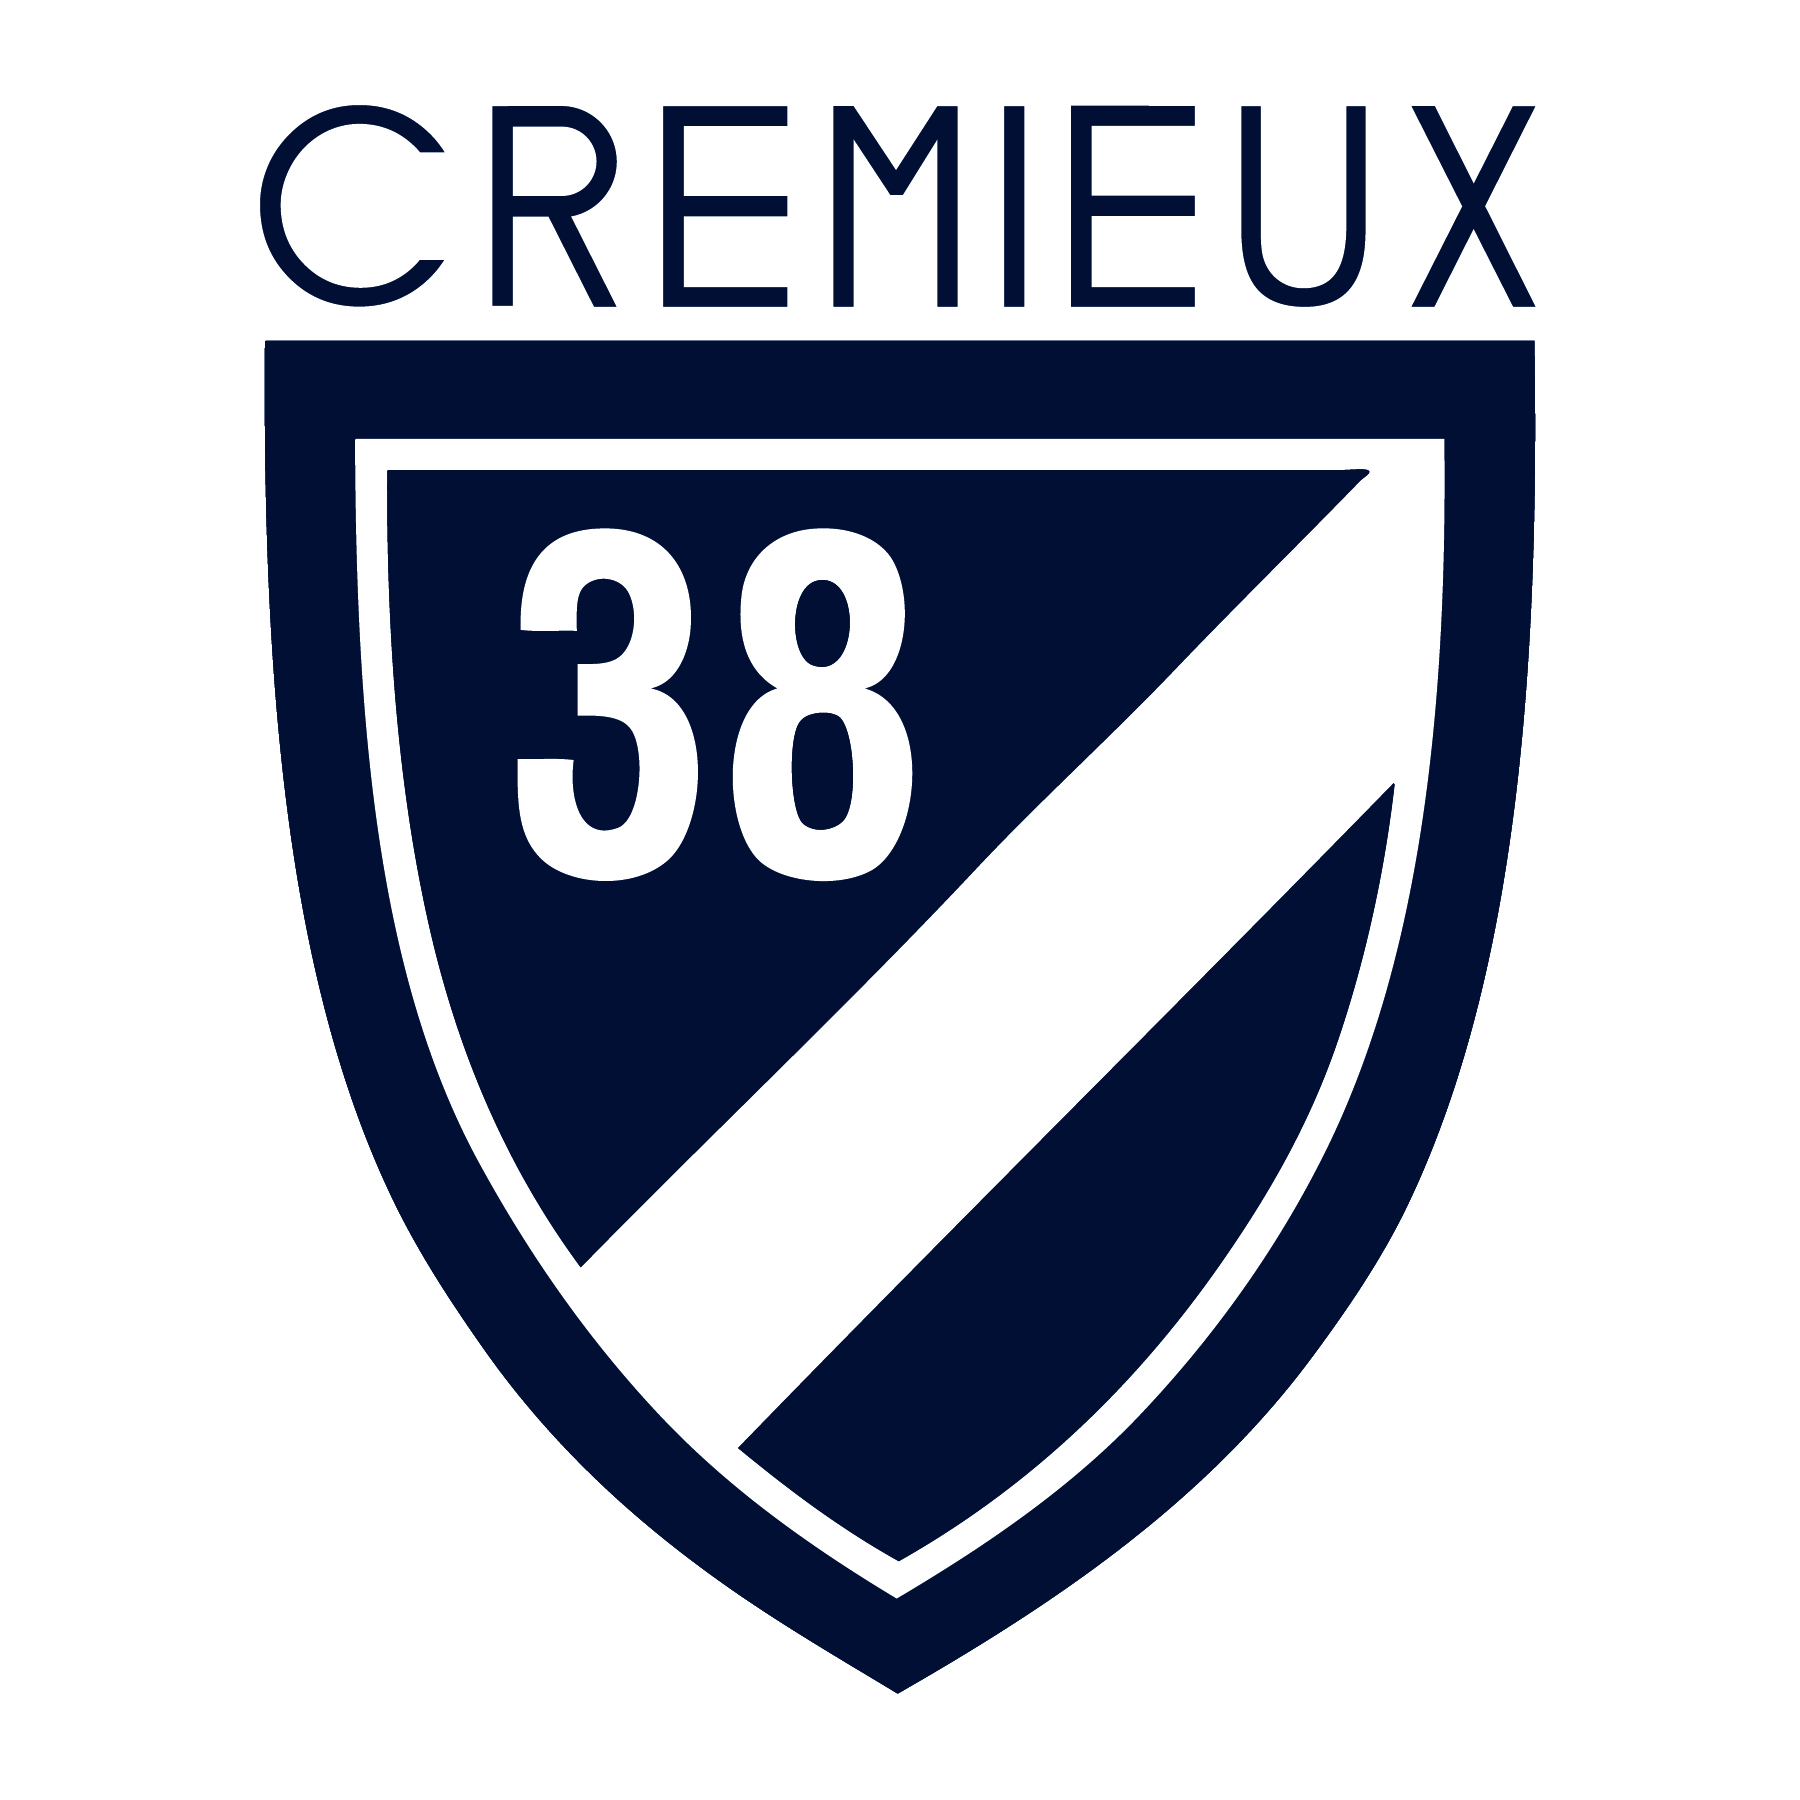 Cremieux